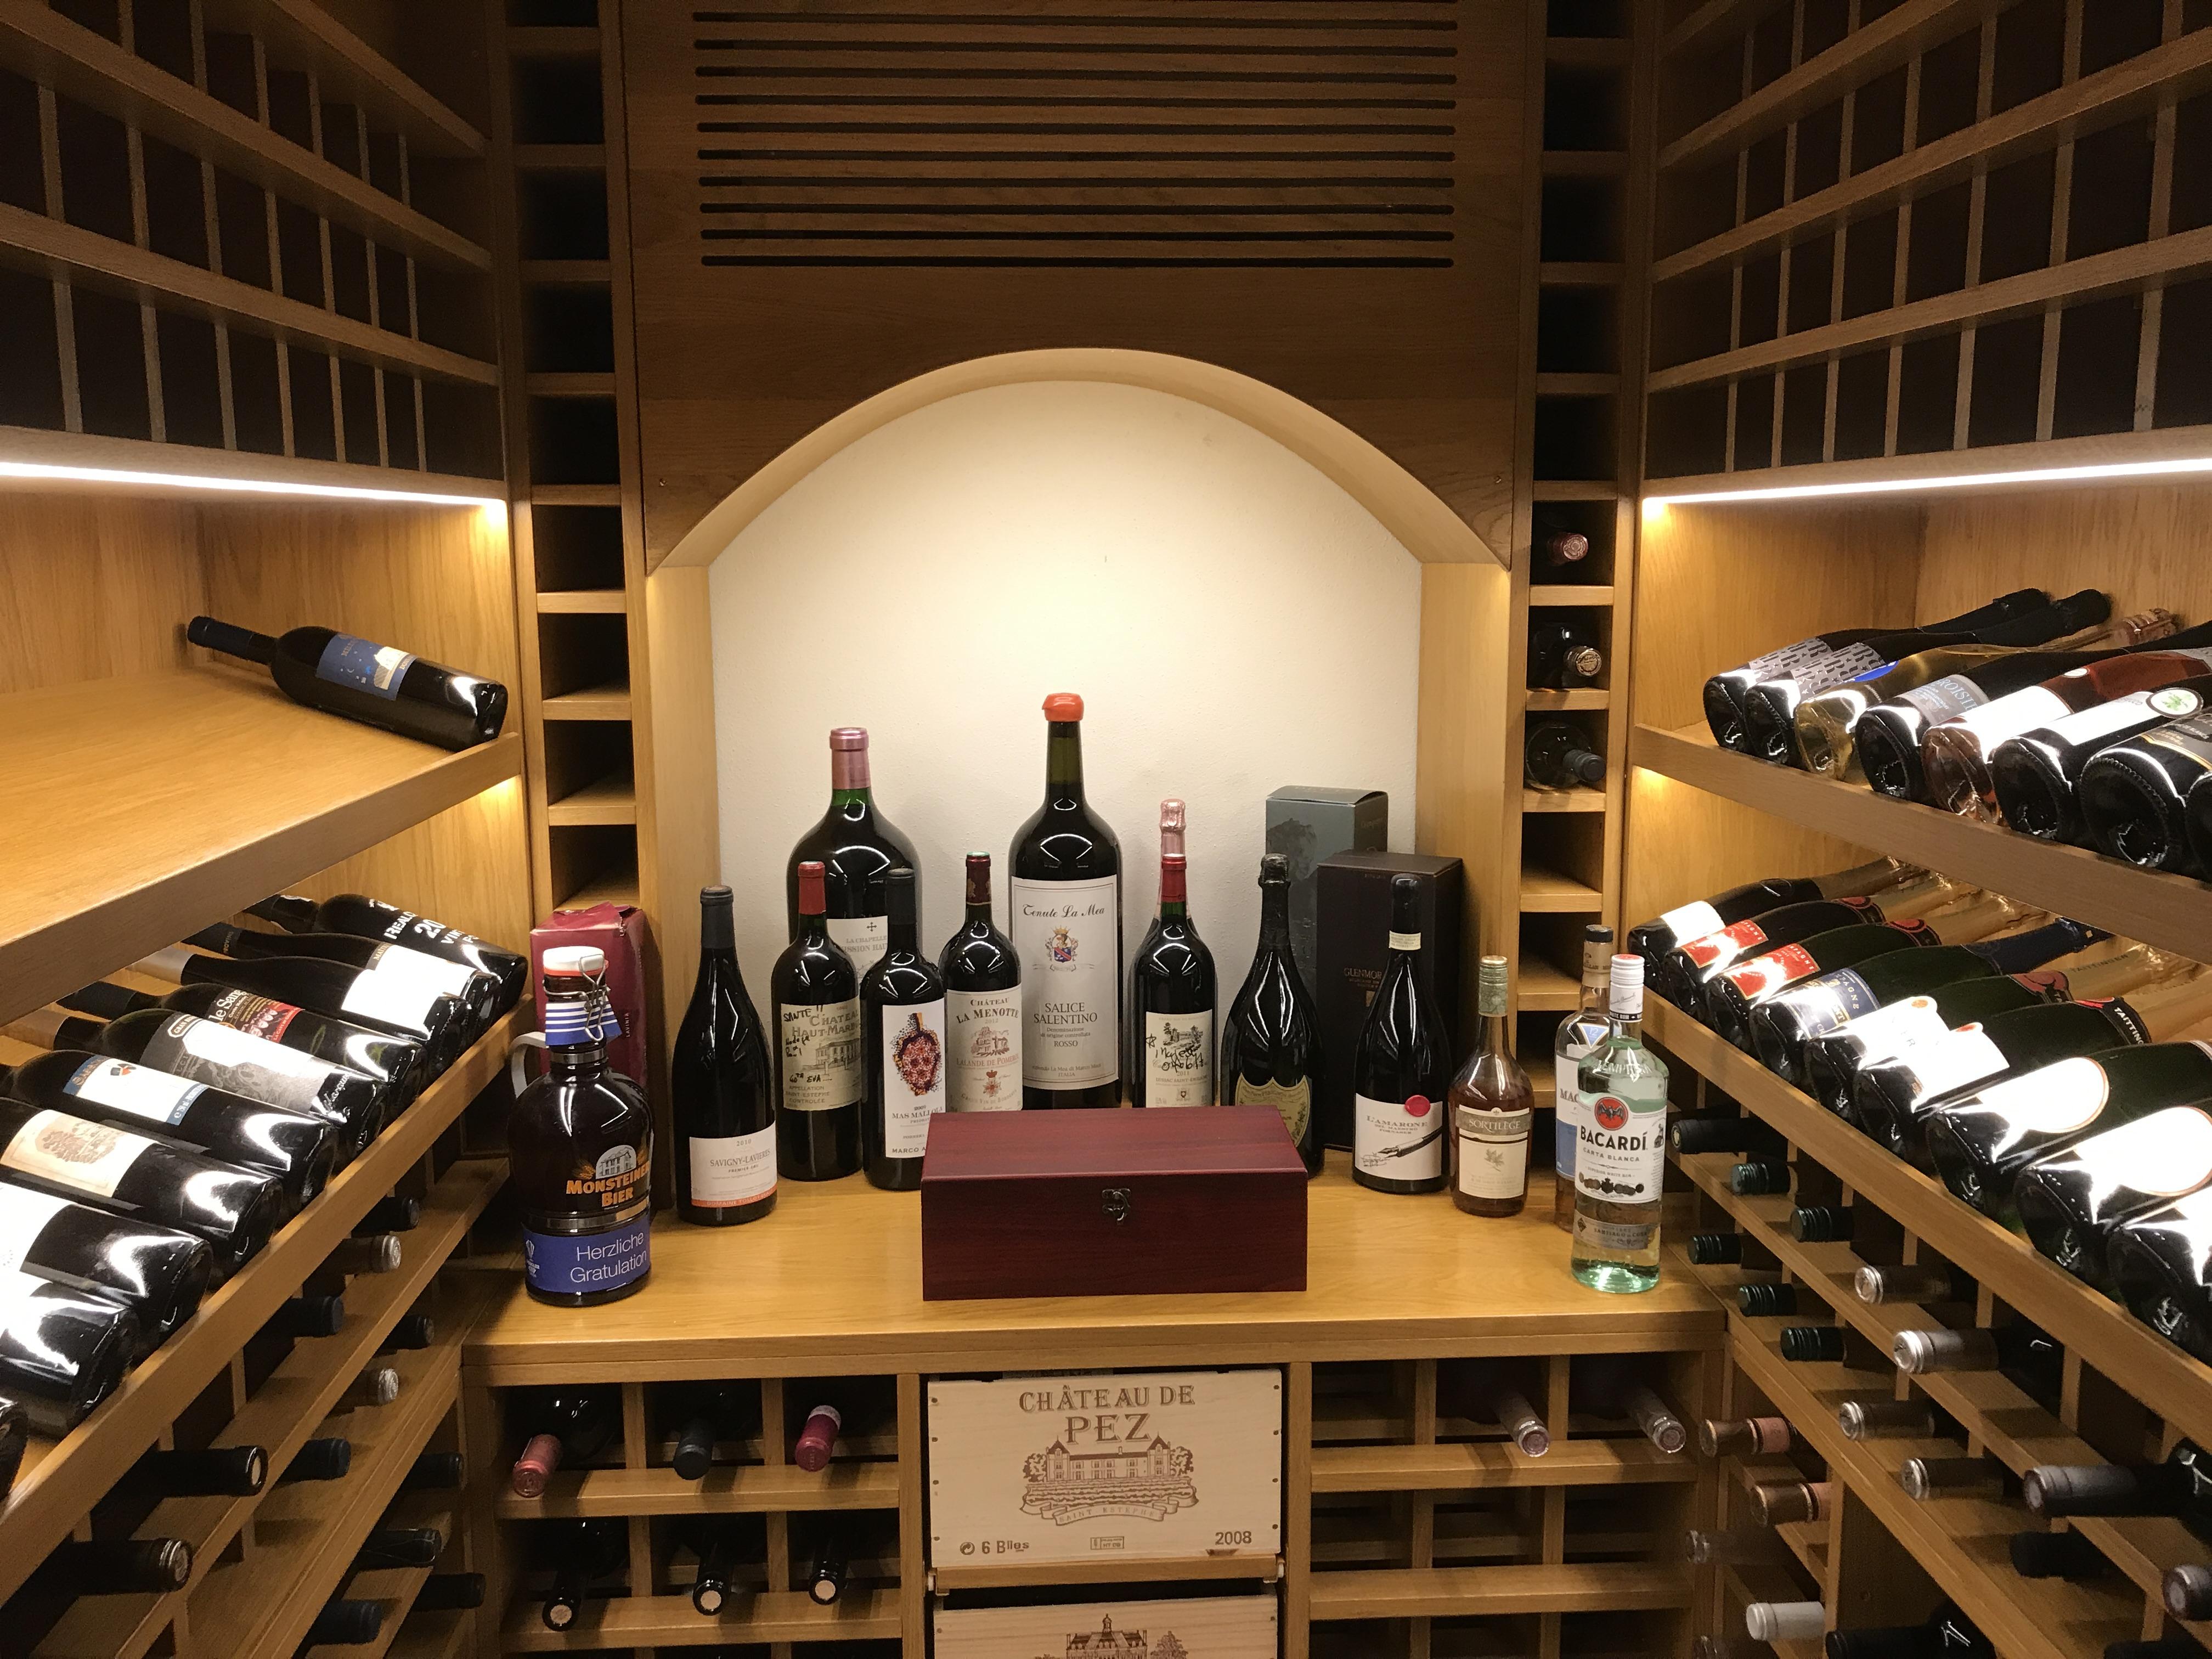 Une Cave A Vin casiers en bois | cave à vin.ch